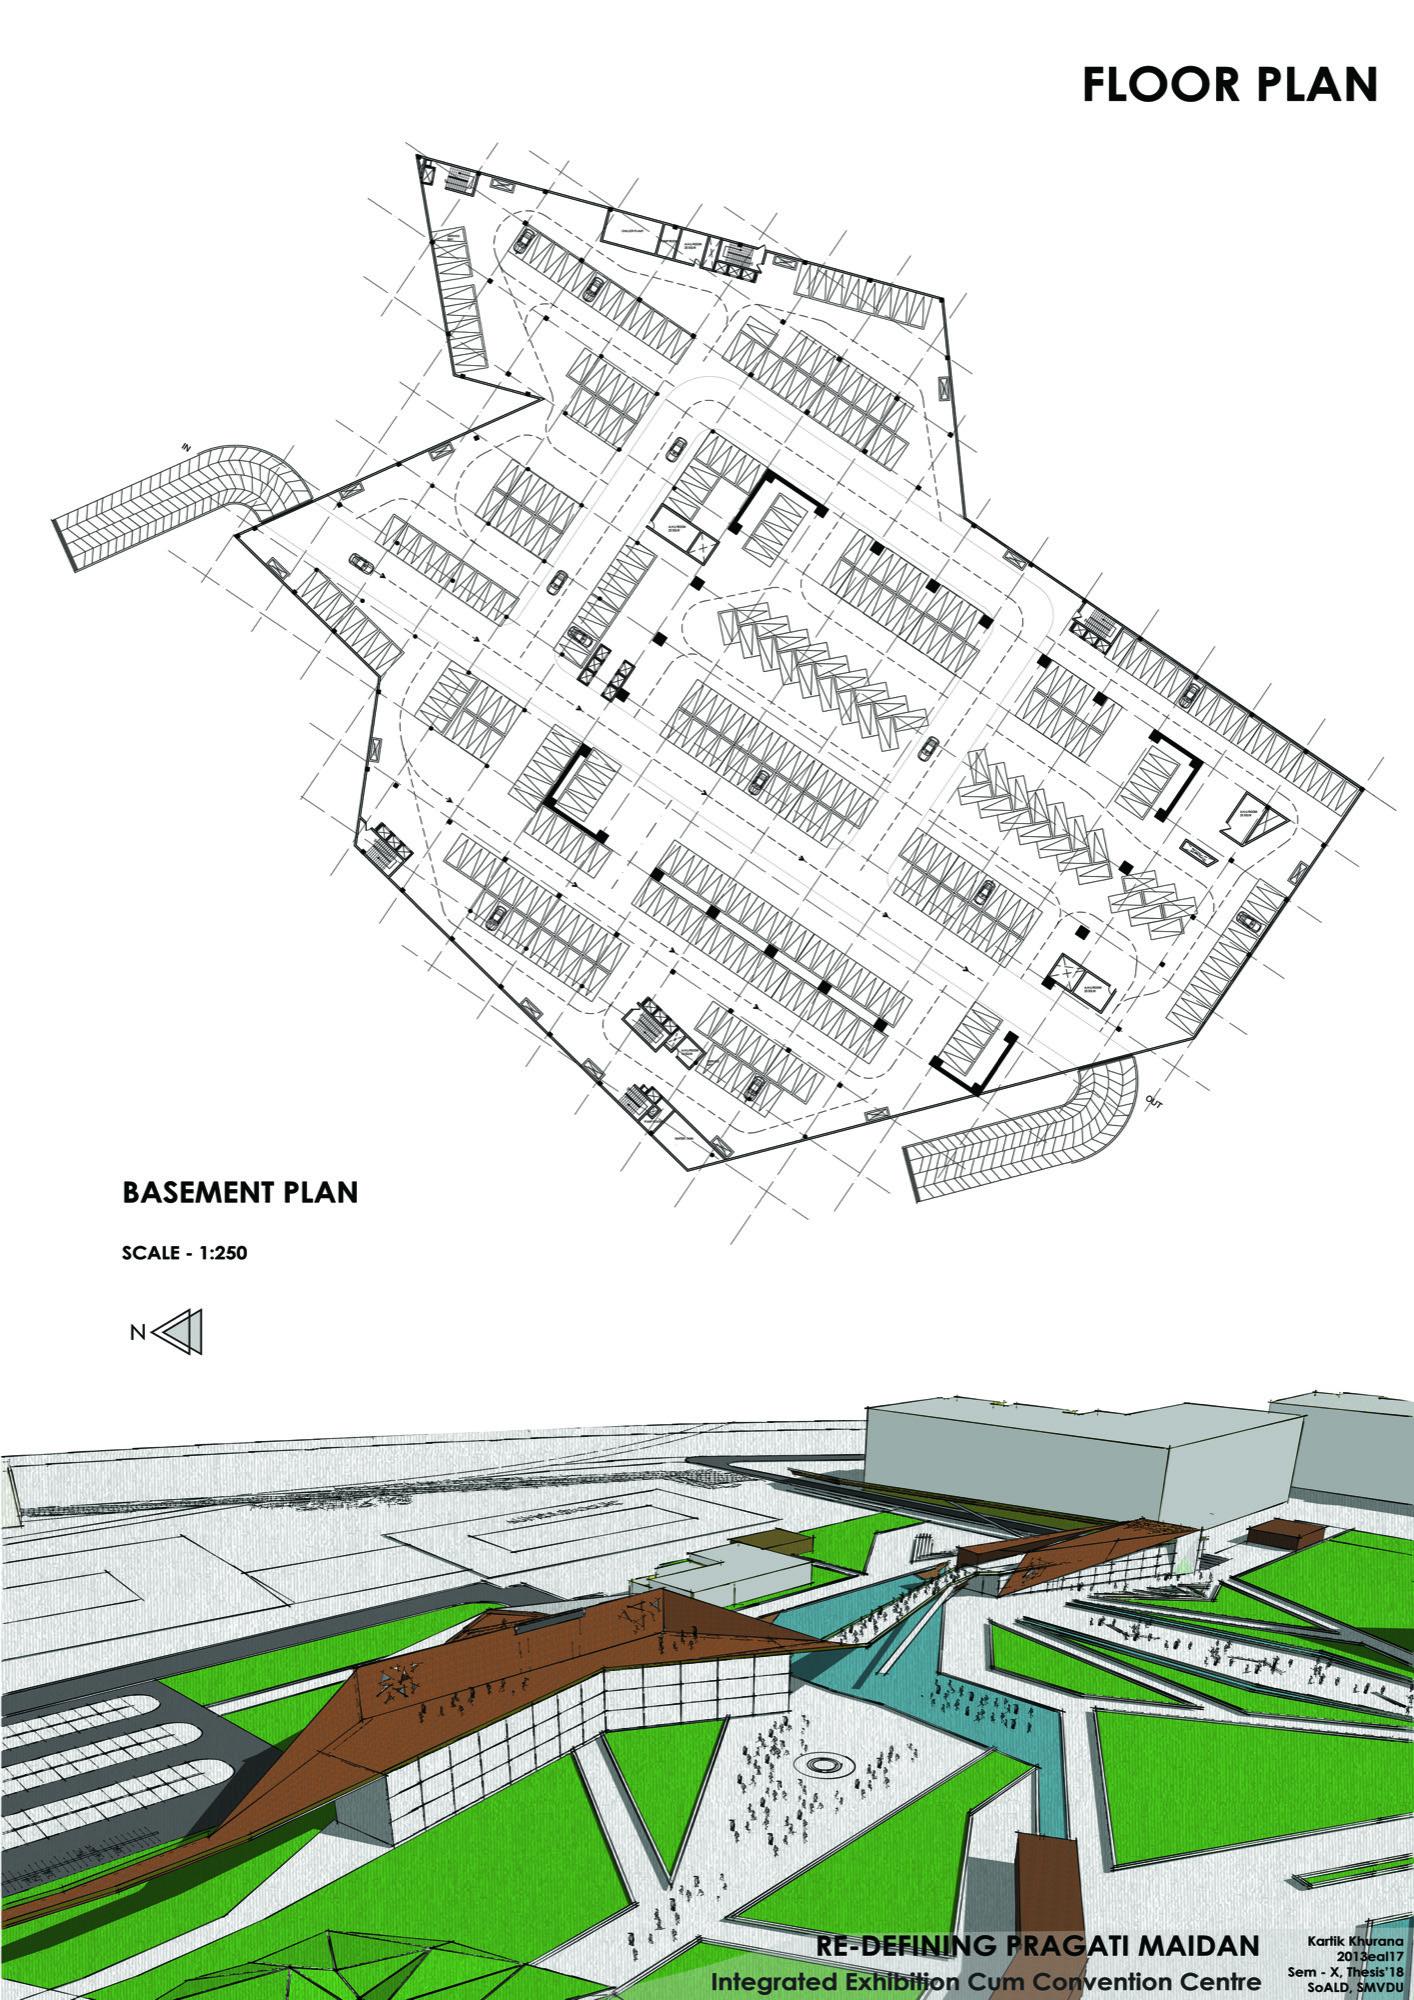 B.Arch Thesis: Redefining Pragati Maidan, International Convention Cum Exhibition Centre, by Kartik Khurana 21